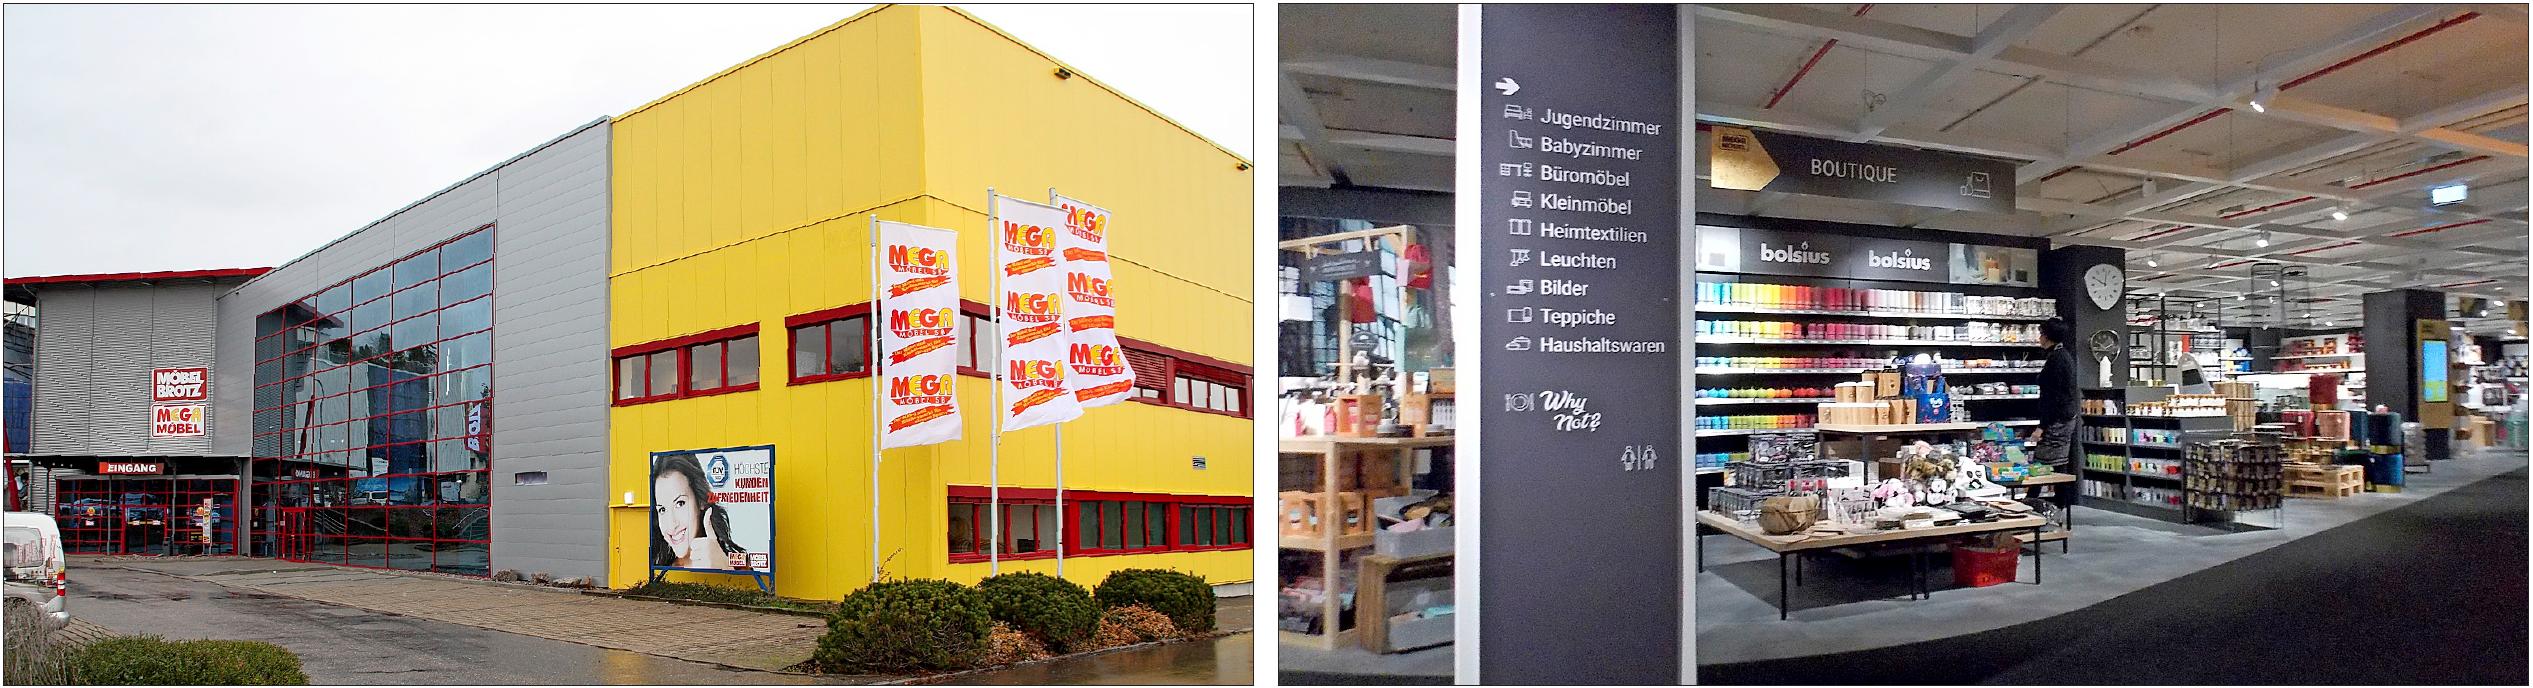 Möbel Brotz In Murg Hat Umgebaut Und Erweitert Lörrach Dreiland